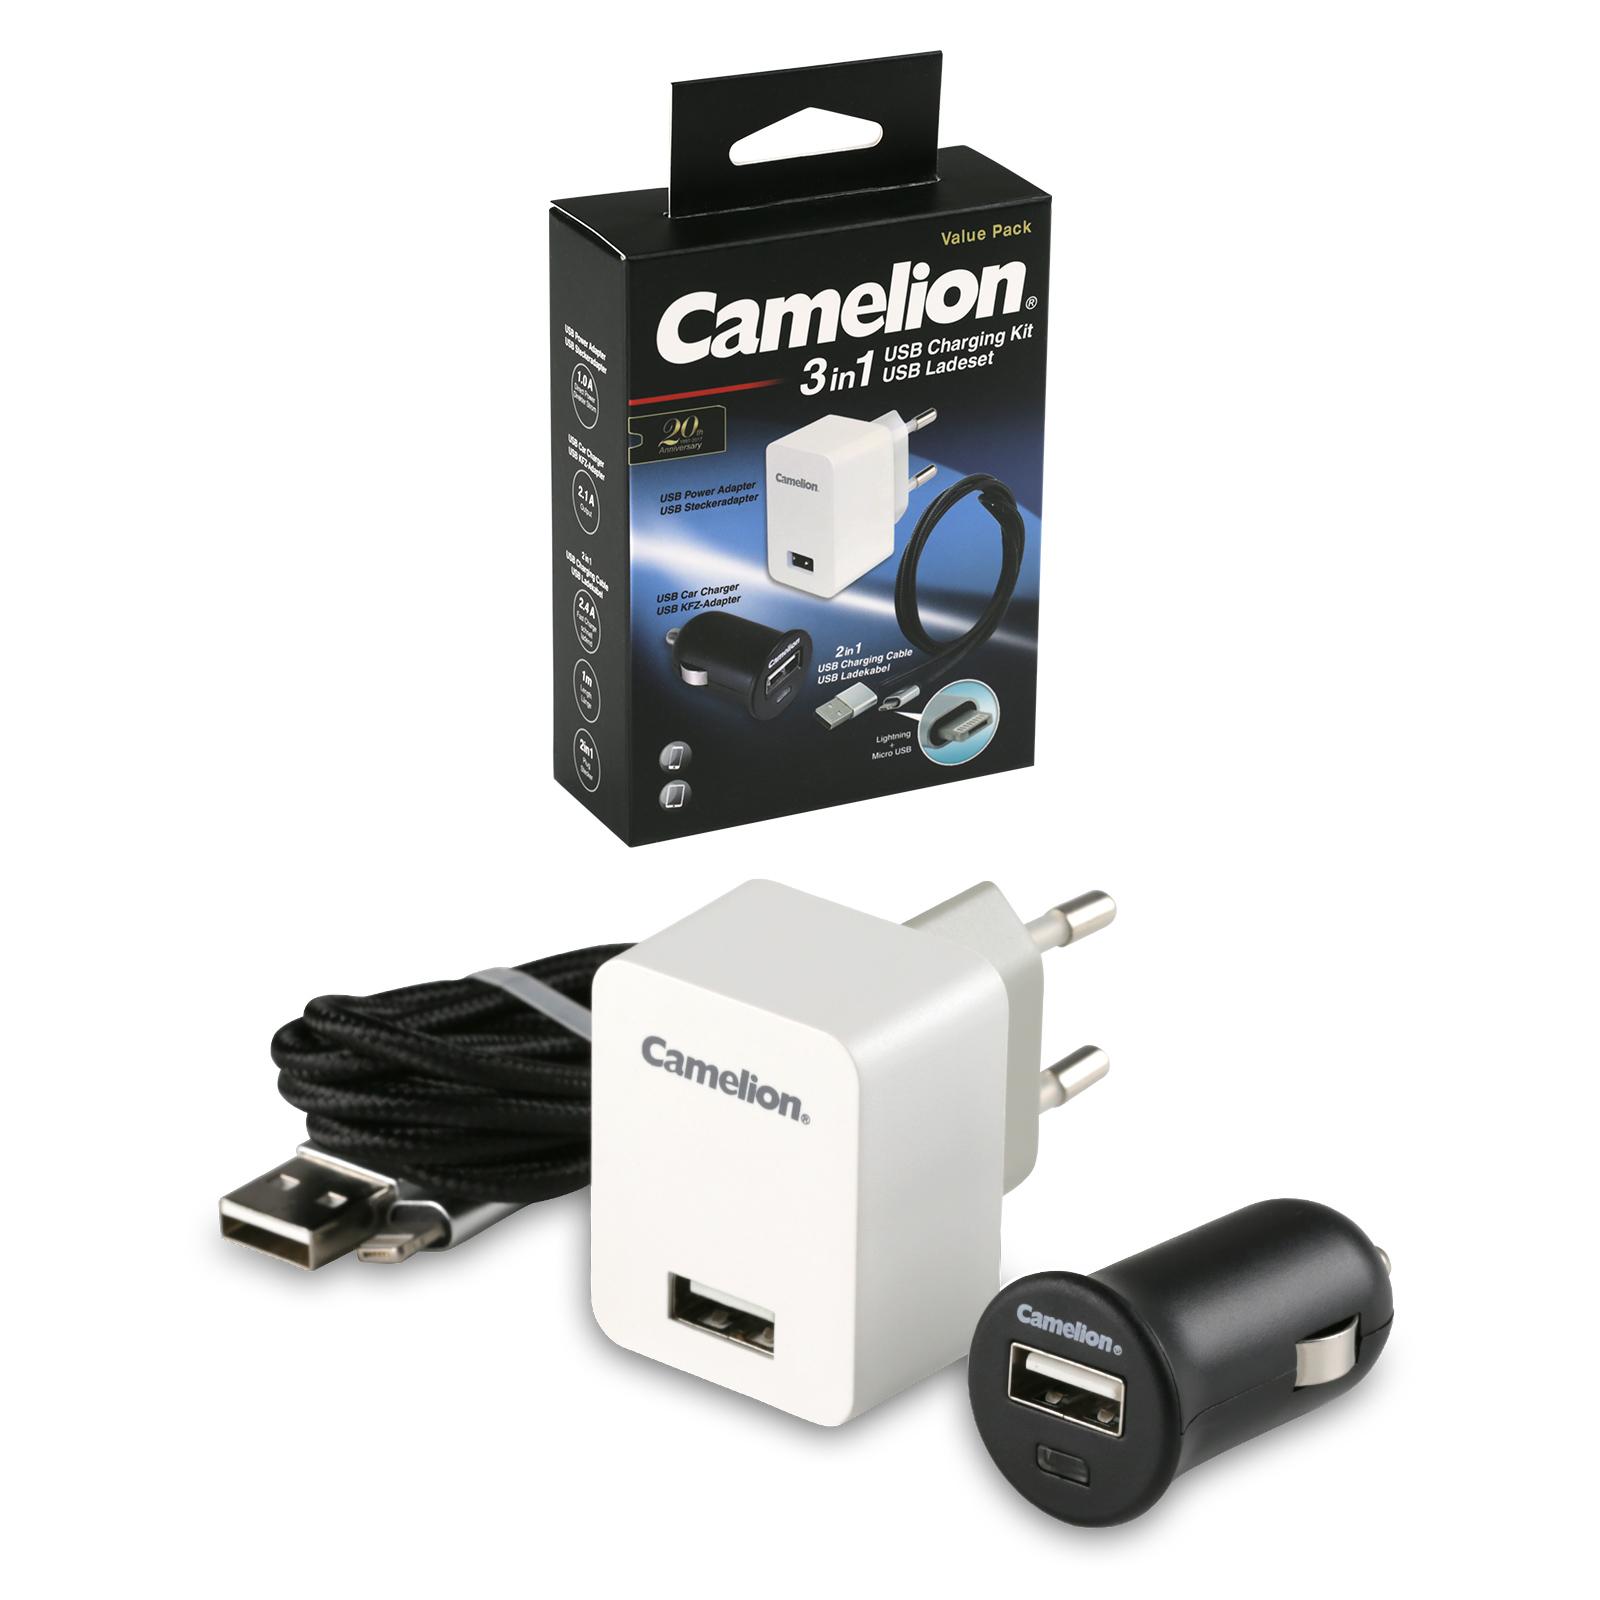 camelion usb schnelladekabel ladeset lightning microusb. Black Bedroom Furniture Sets. Home Design Ideas